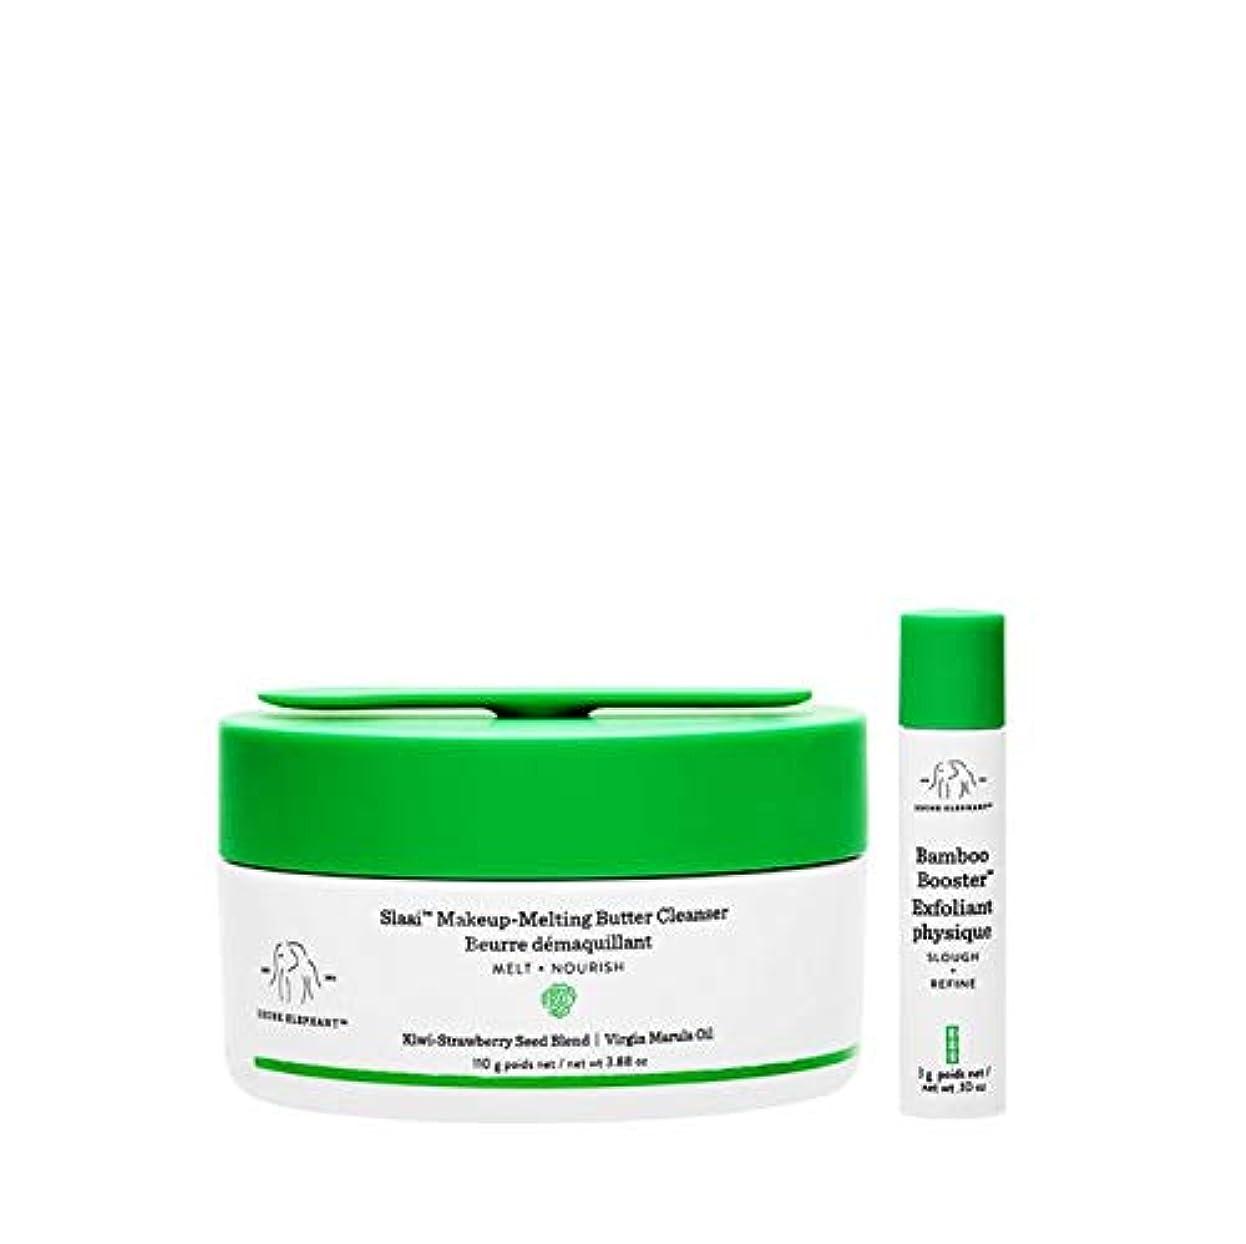 不規則性毎日生息地DRUNK ELEPHANT Slaai Makeup-Melting Butter Cleanser ドランクエレファント スラエー メーカップ メルティング バター クレンザー 110g